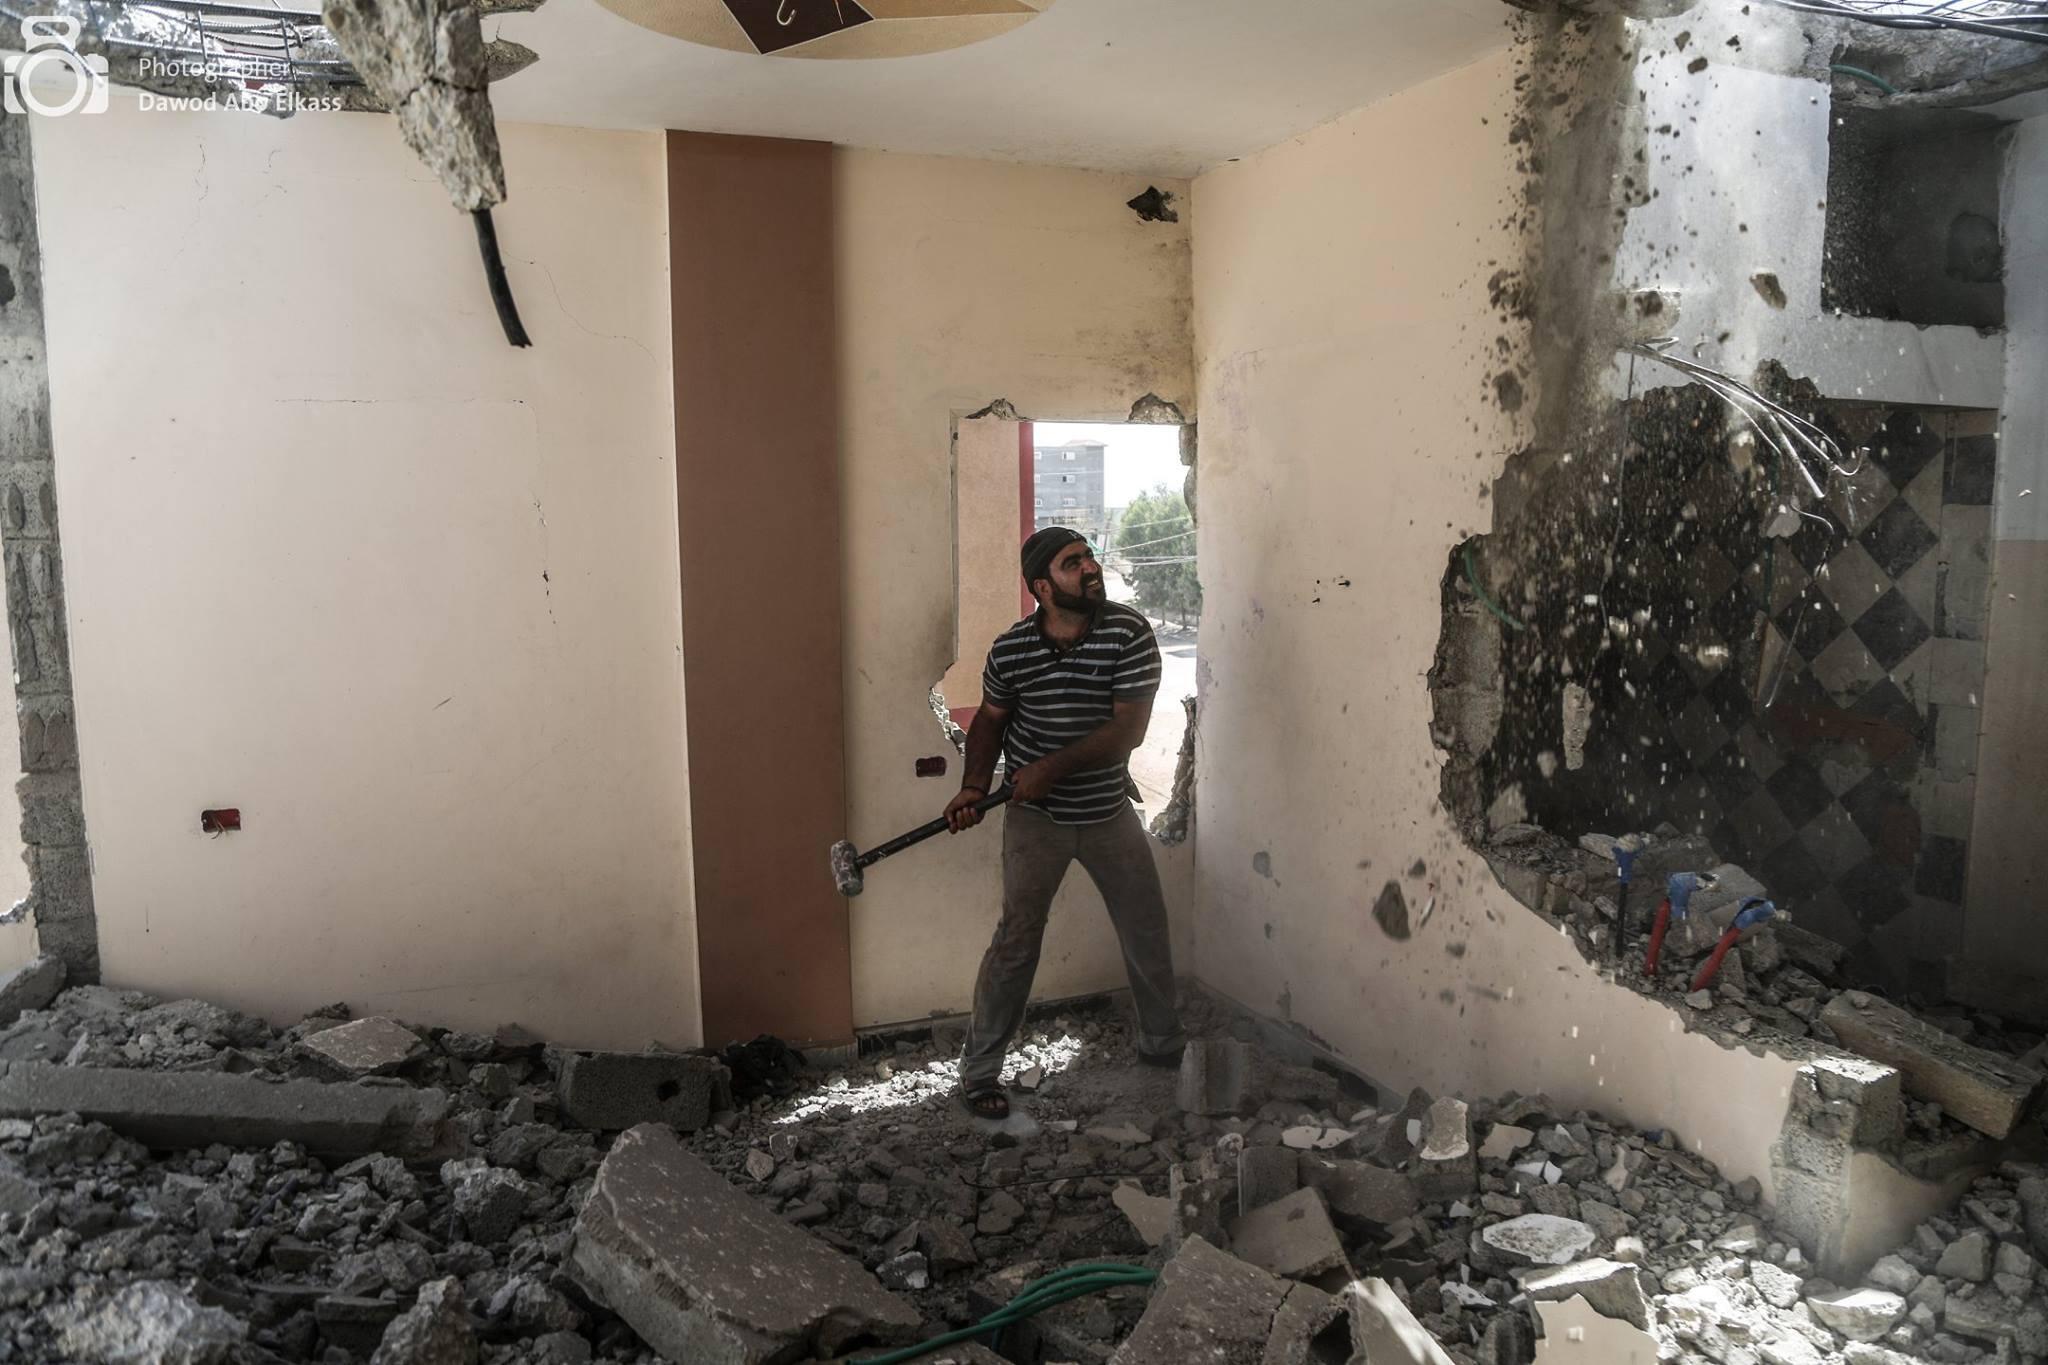 Lassés d'attendre, certains se lancent seuls dans des travaux de réparation (Photo : Dawod Abo Elkass)